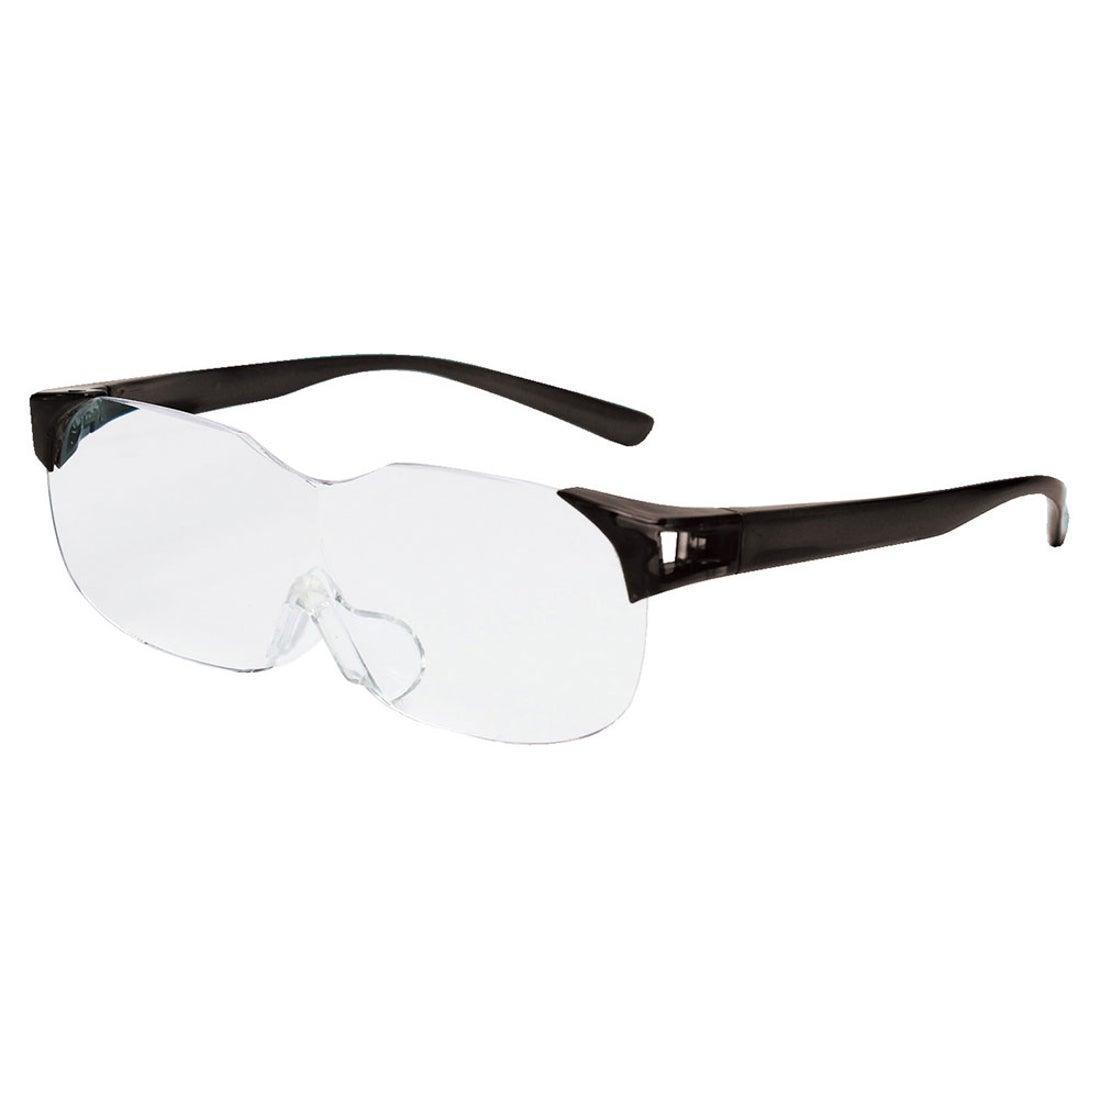 ノーブランド No Brand SMARTEYE スマートアイ 眼鏡タイプ SM011 SL105 (ダークグレー)